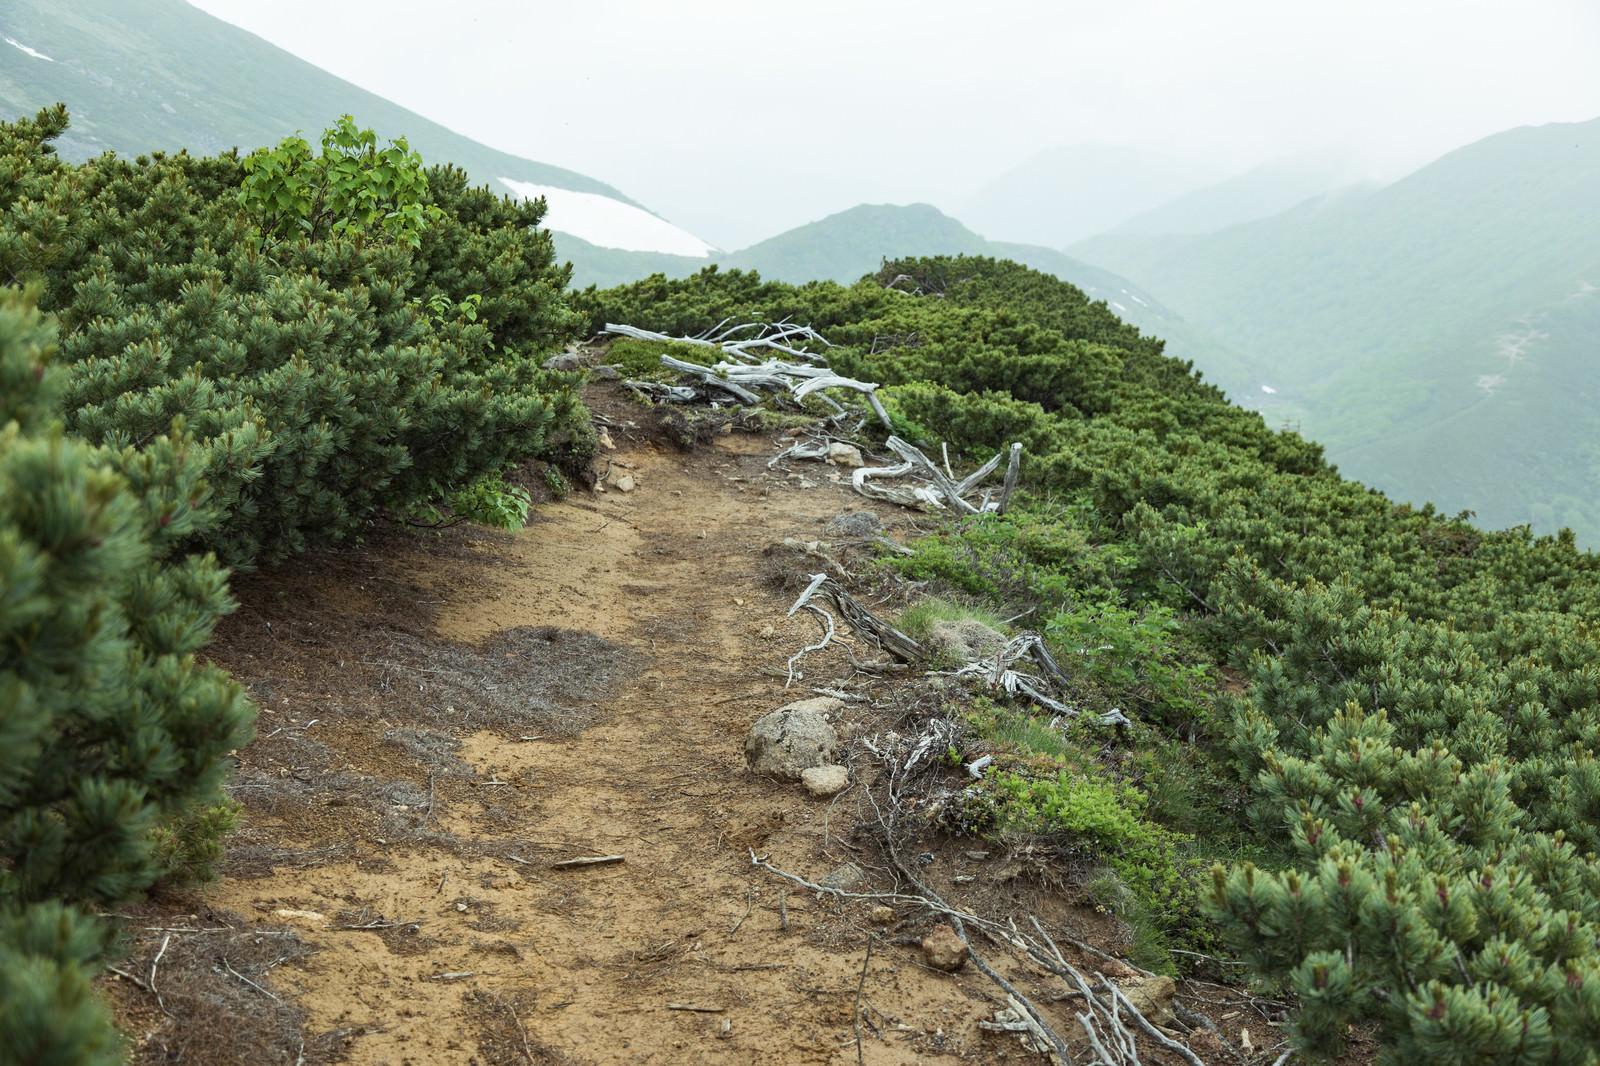 「枯れた木々と登山道」の写真